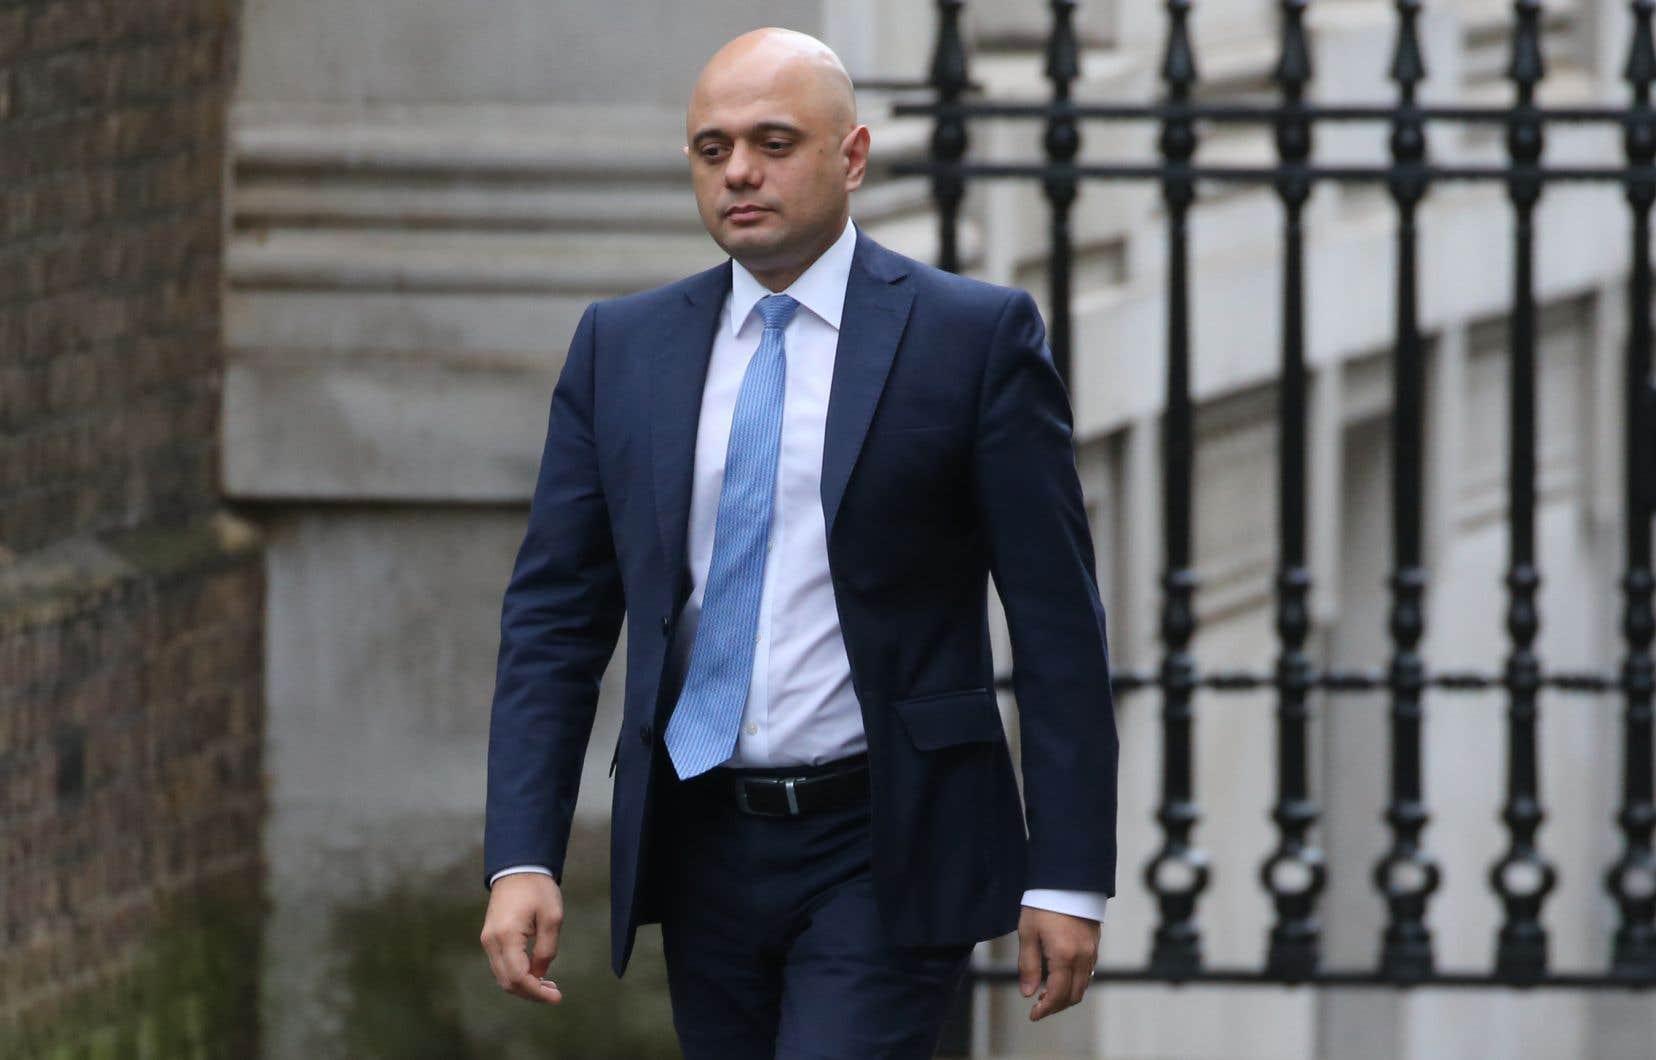 Le ministre britannique des Finances démissionnaire, Sajid Javid